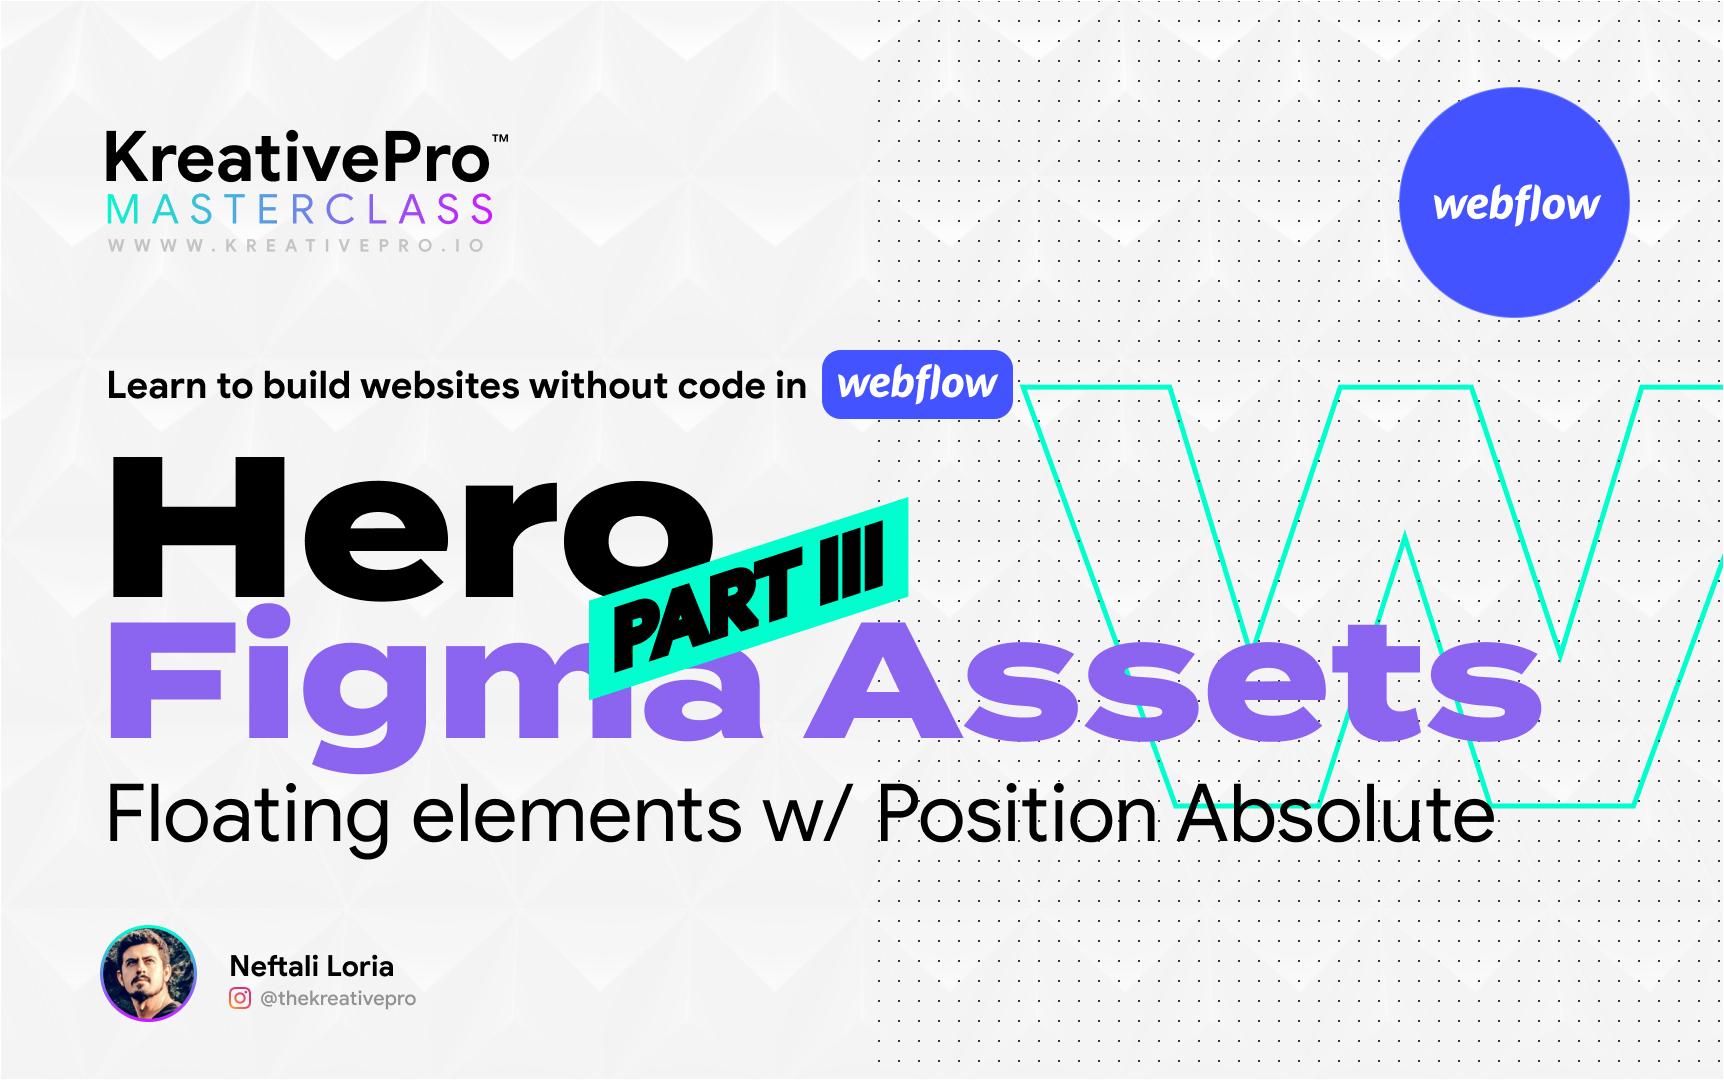 Webflow 3.2 - Hero Part III: Figma Assets